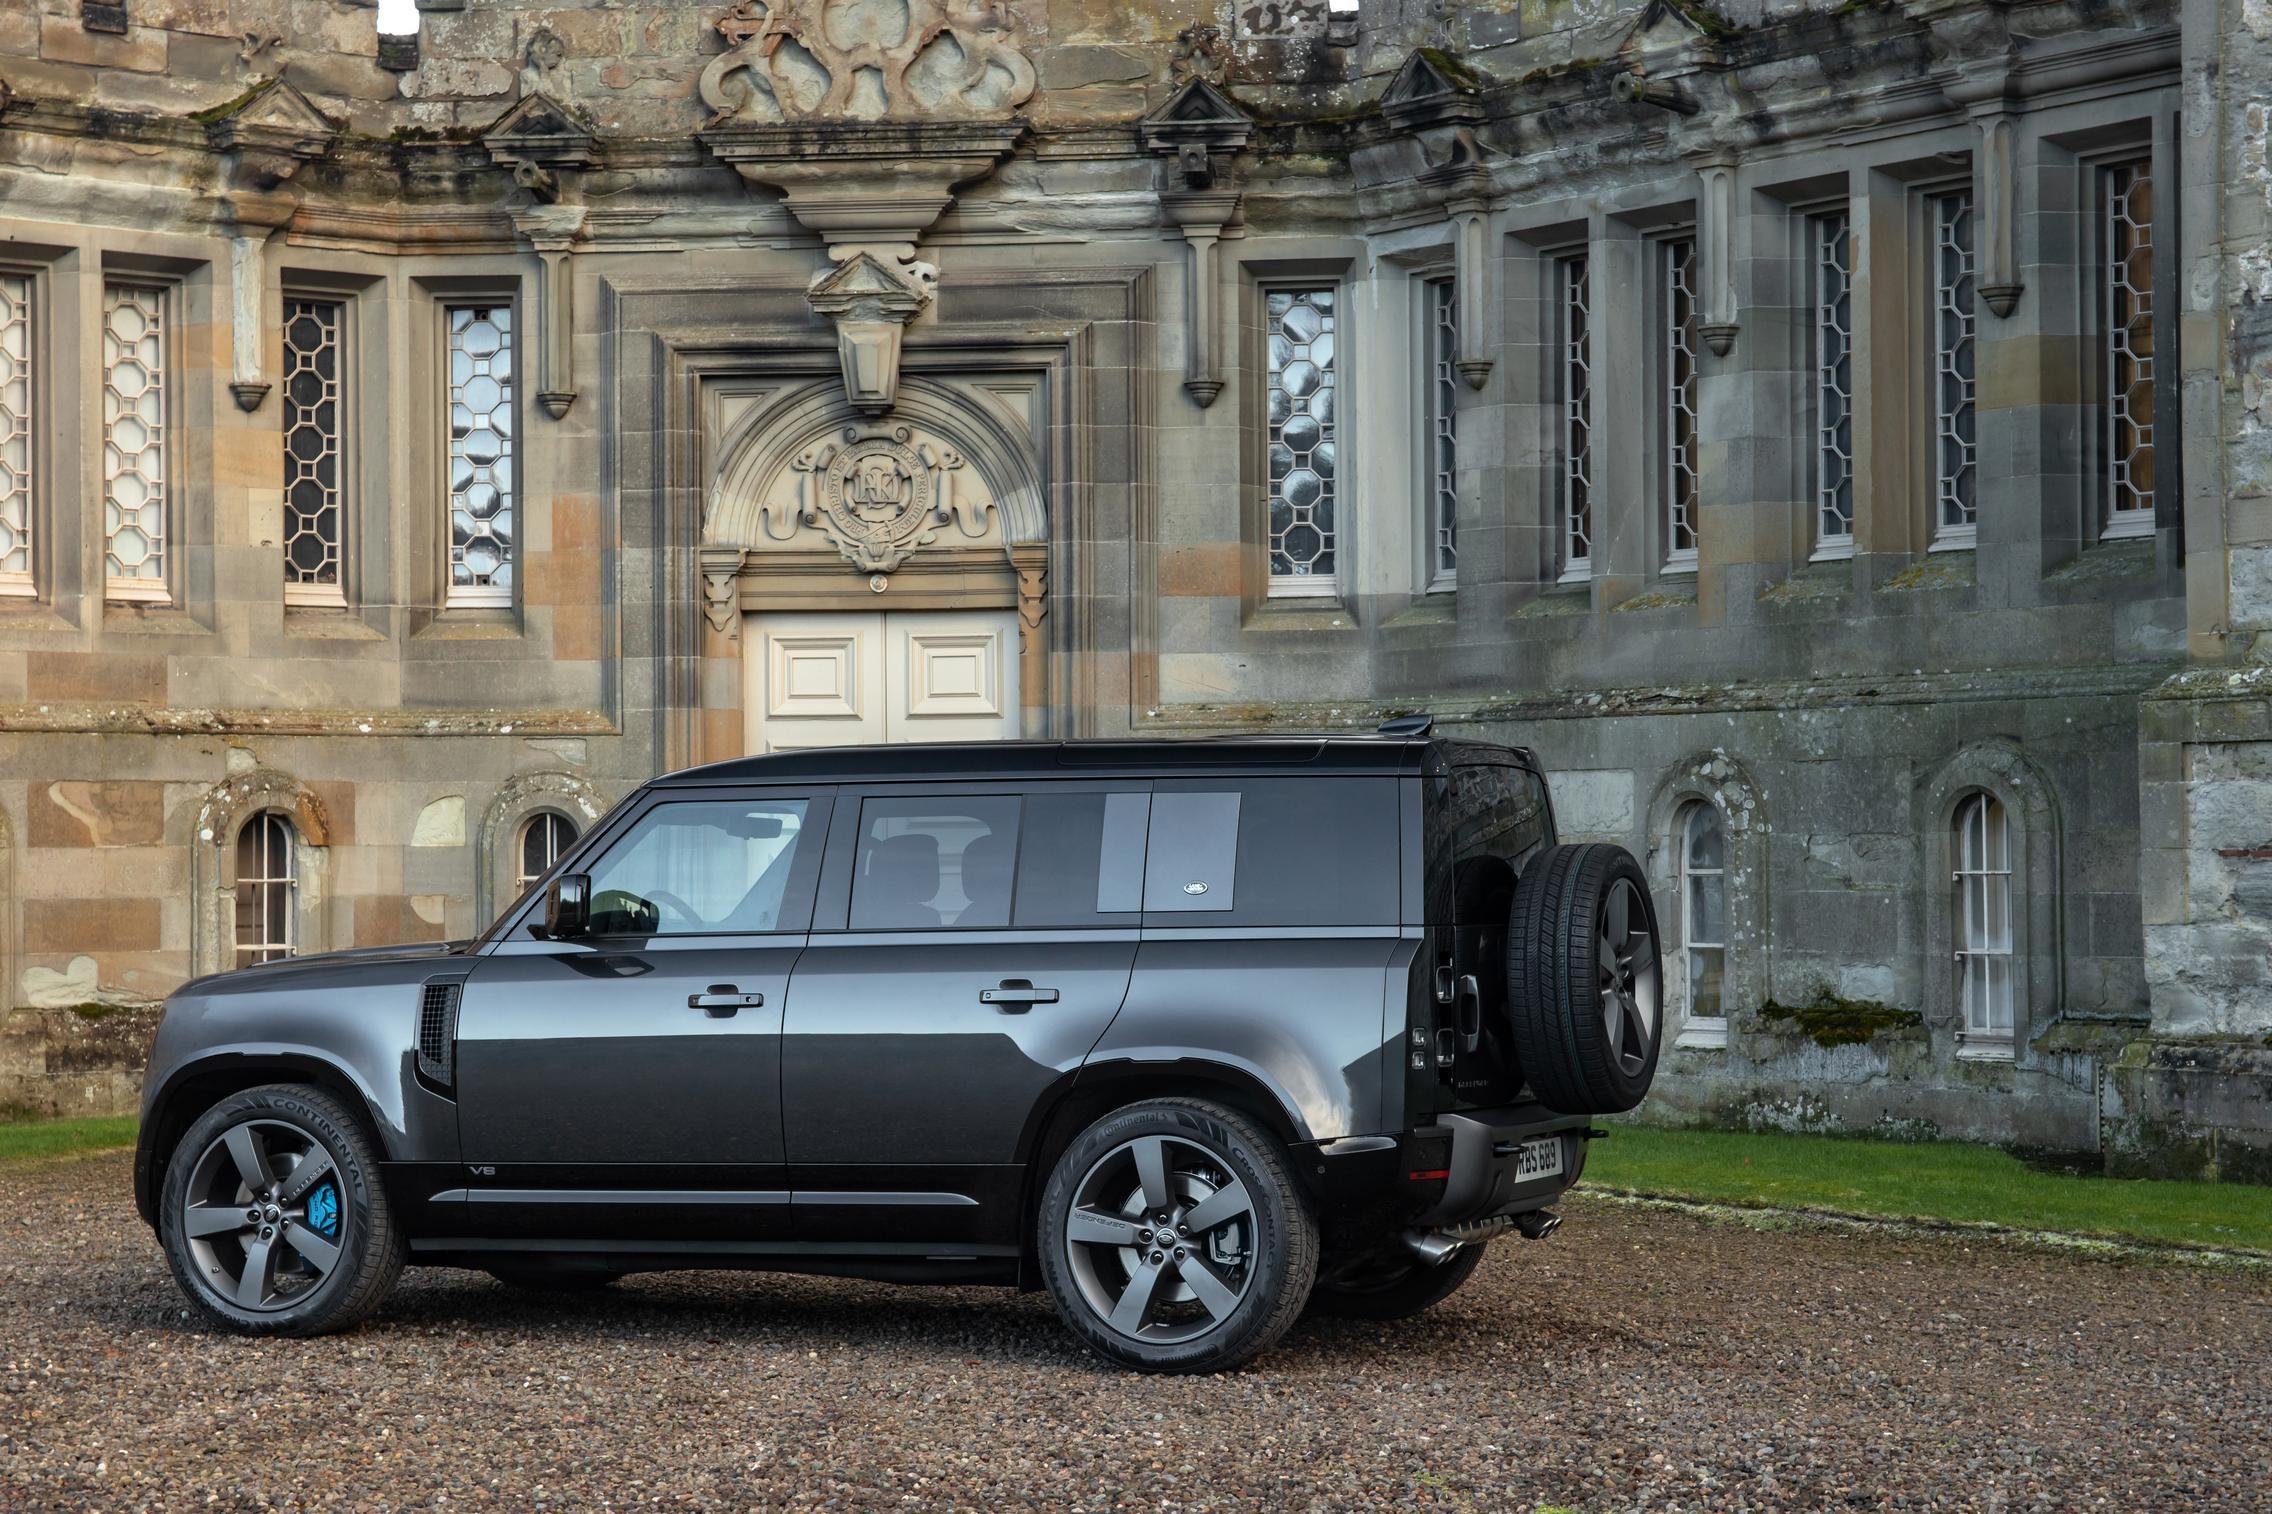 Land Rover Defender 110 V8 side